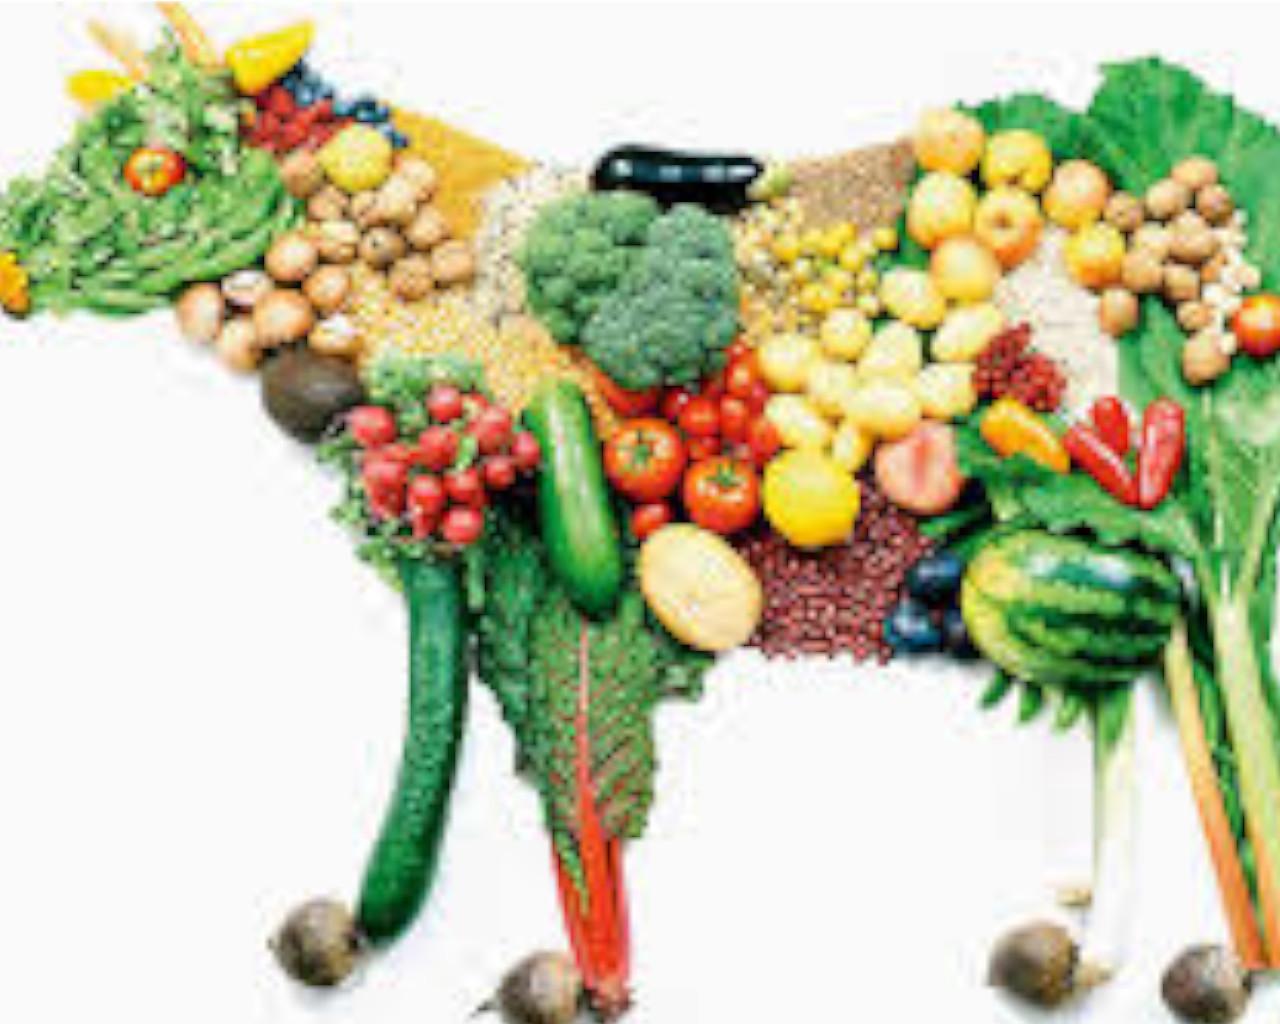 χορτοφαγοι,χορτοφαγοι διατροφολογοι,χορτοφαγοι στην ελλαδα,χορτοφαγοι δεινοσαυροι,χορτοφαγοι κατηγοριεσ,χορτοφαγοι vs κρεατοφαγοι,χορτοφαγοι μειονεκτηματα,χορτοφαγοι γιατροι,χορτοφαγοι τι τρωνε